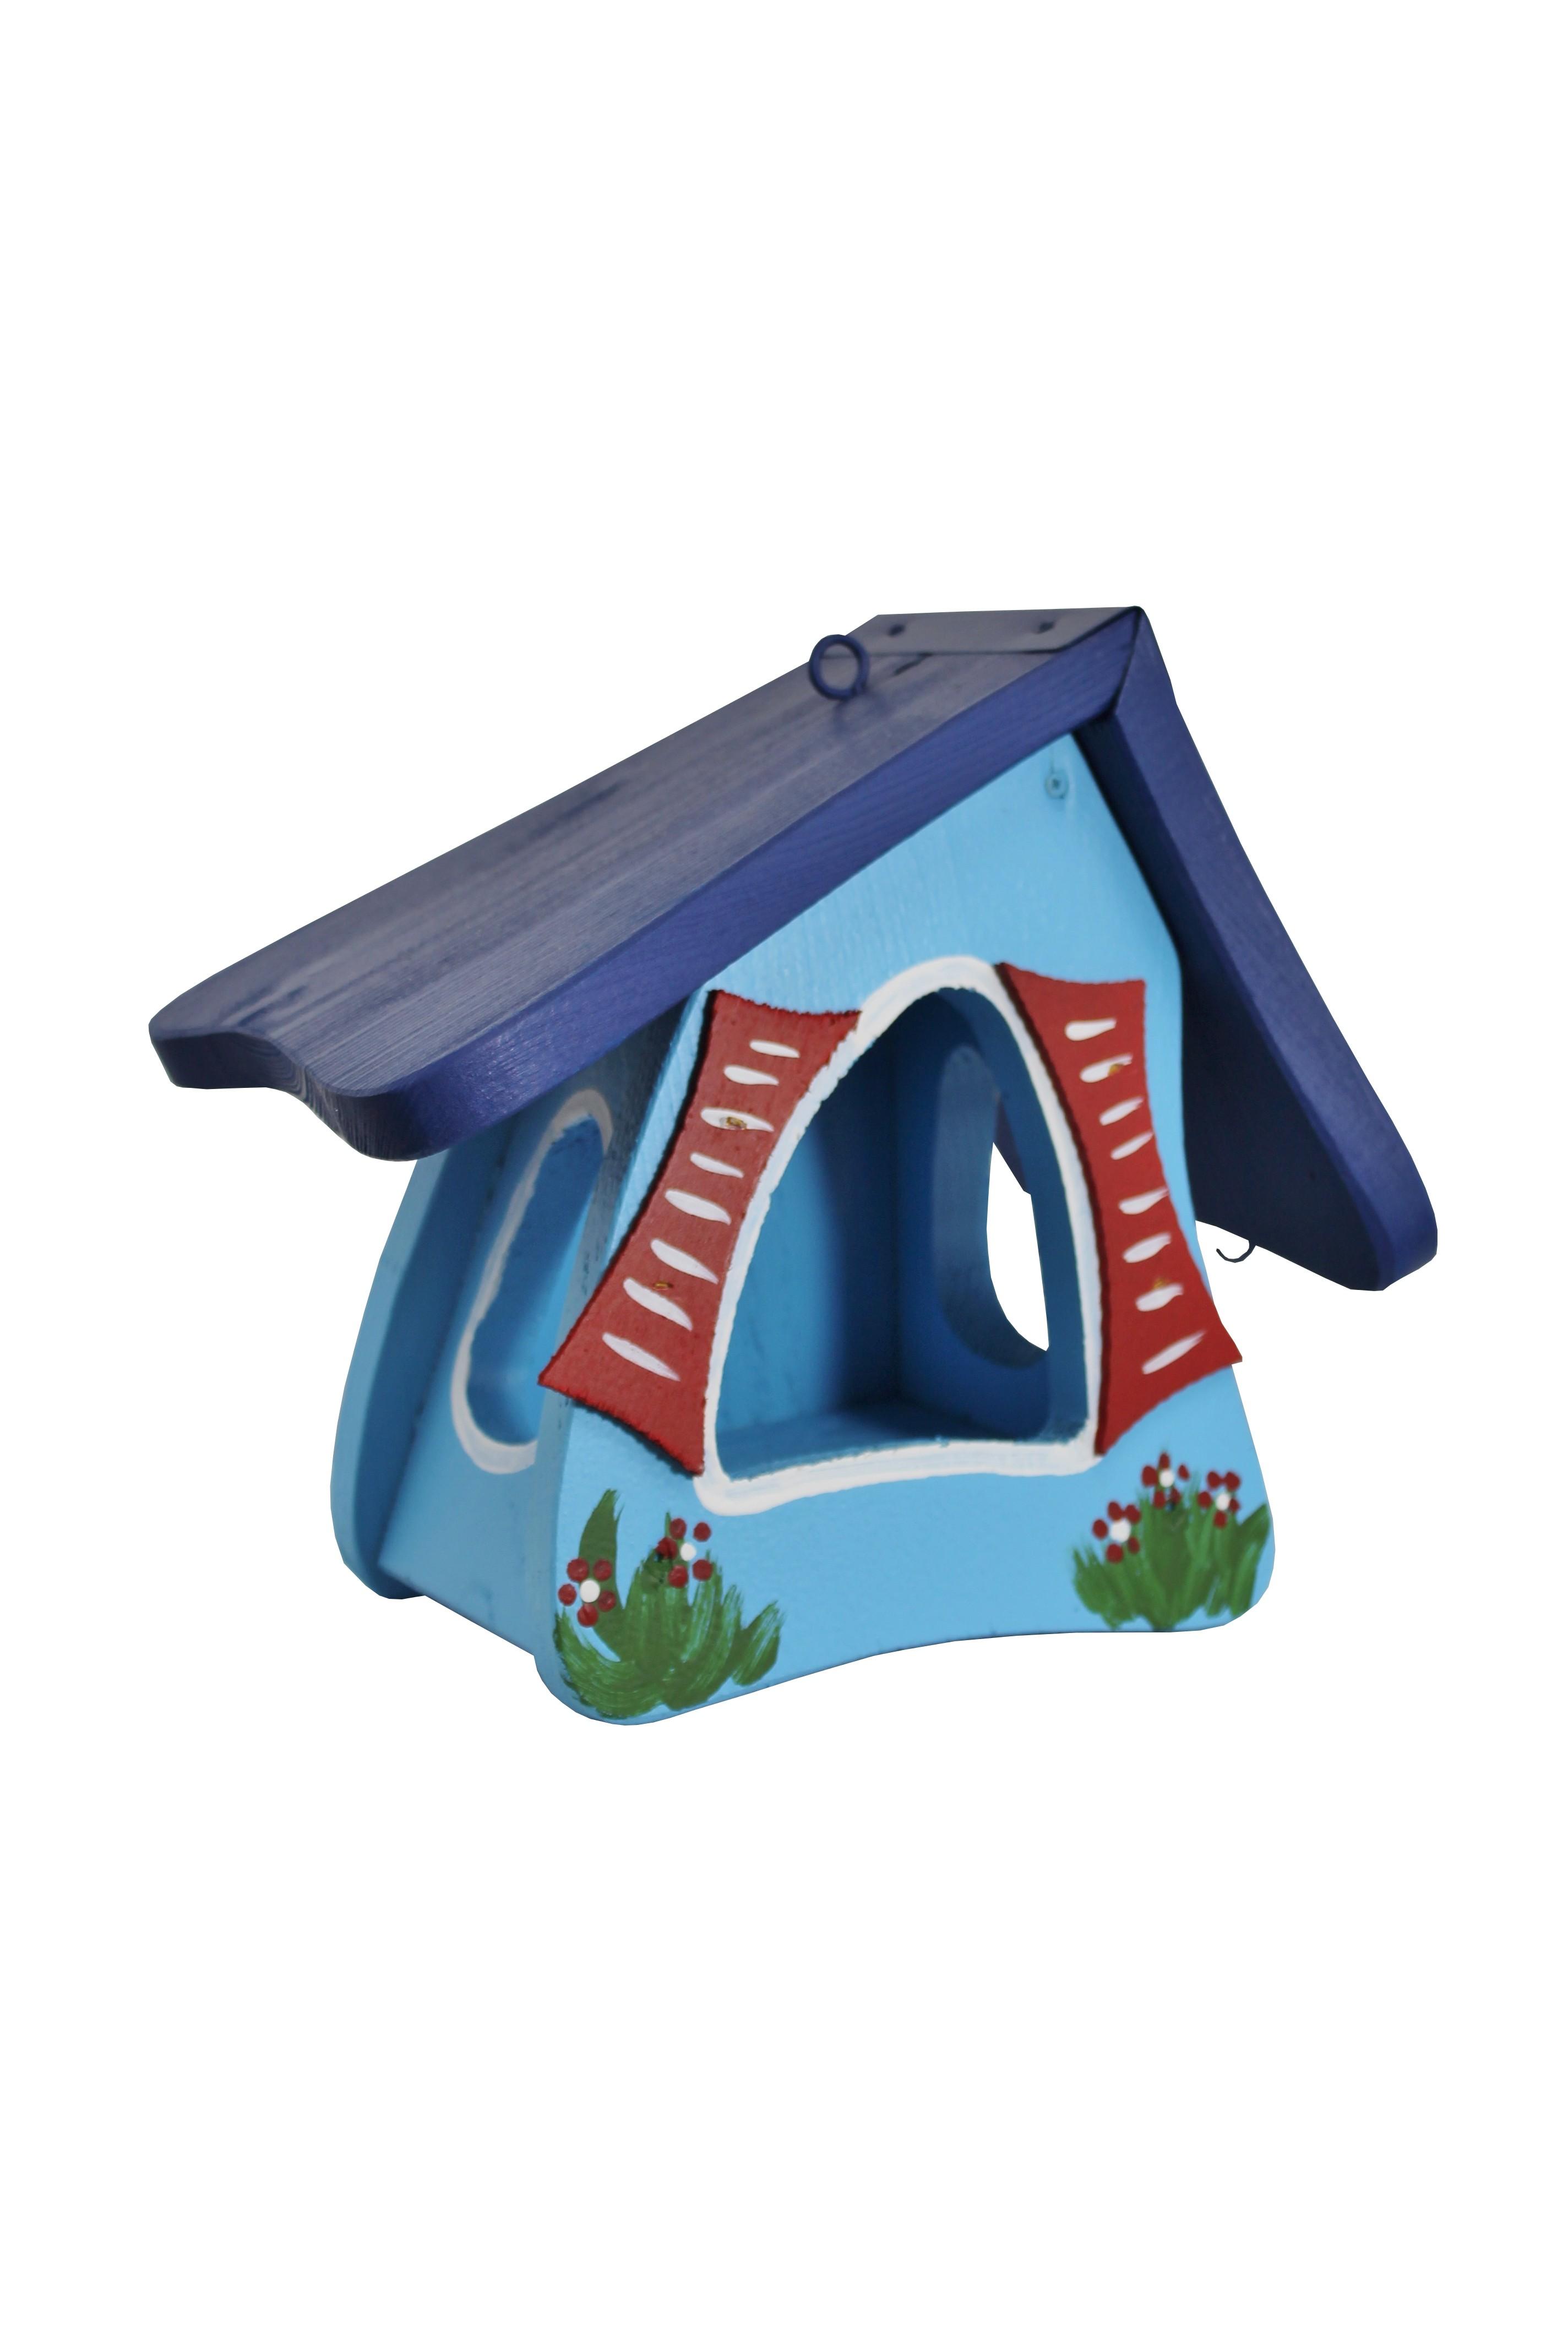 Futtermini Hobbit groß blau von Die Vogelvilla